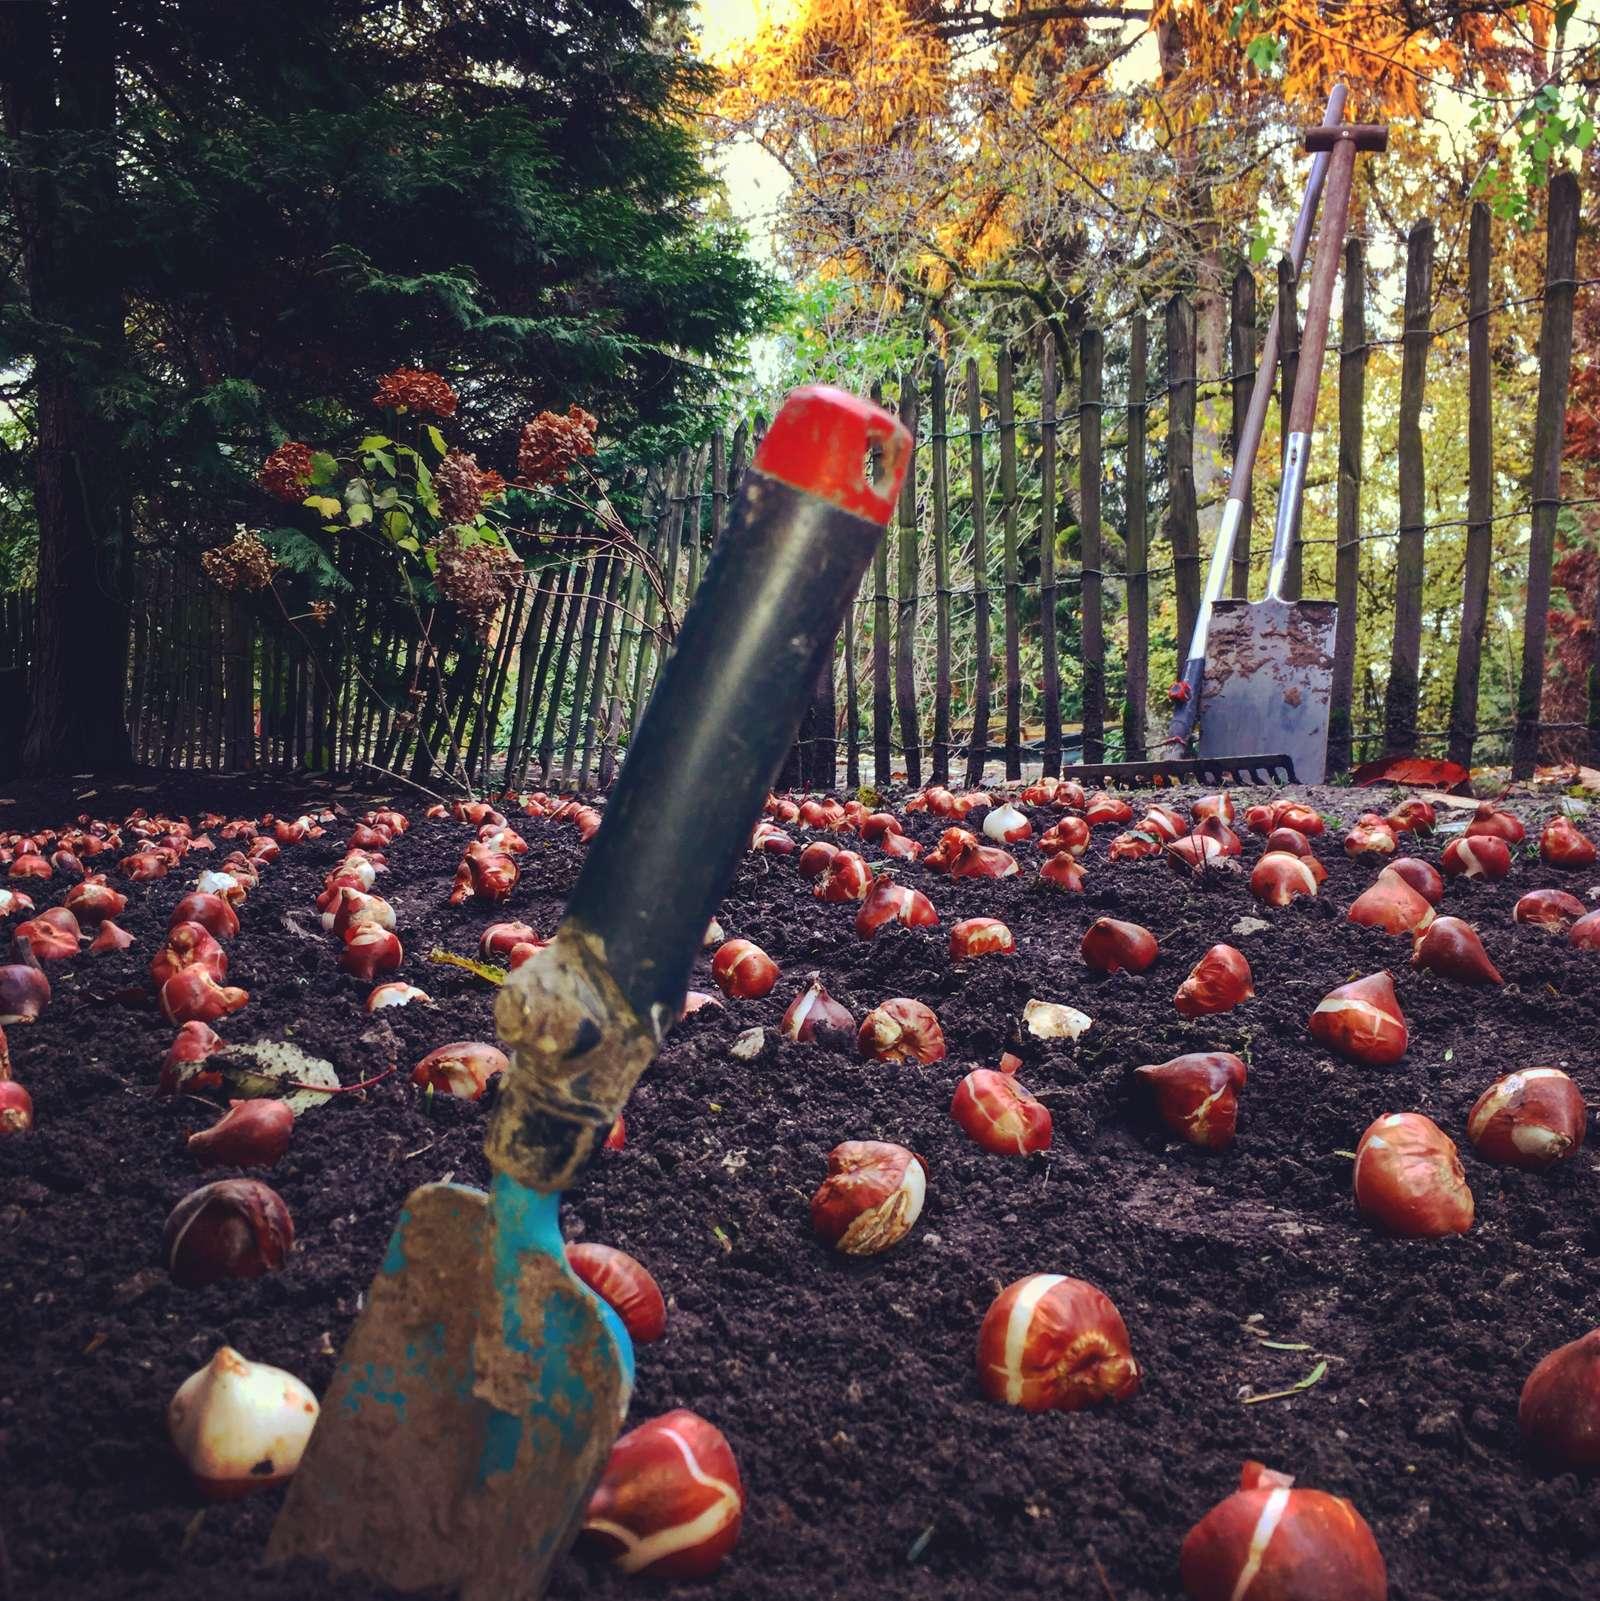 Wir pflanzen den Frühling! - In Reih und Glied - Die letzten der 20.000 Tulpen und Narzissen finden den Weg zum Überwintern in die Erde